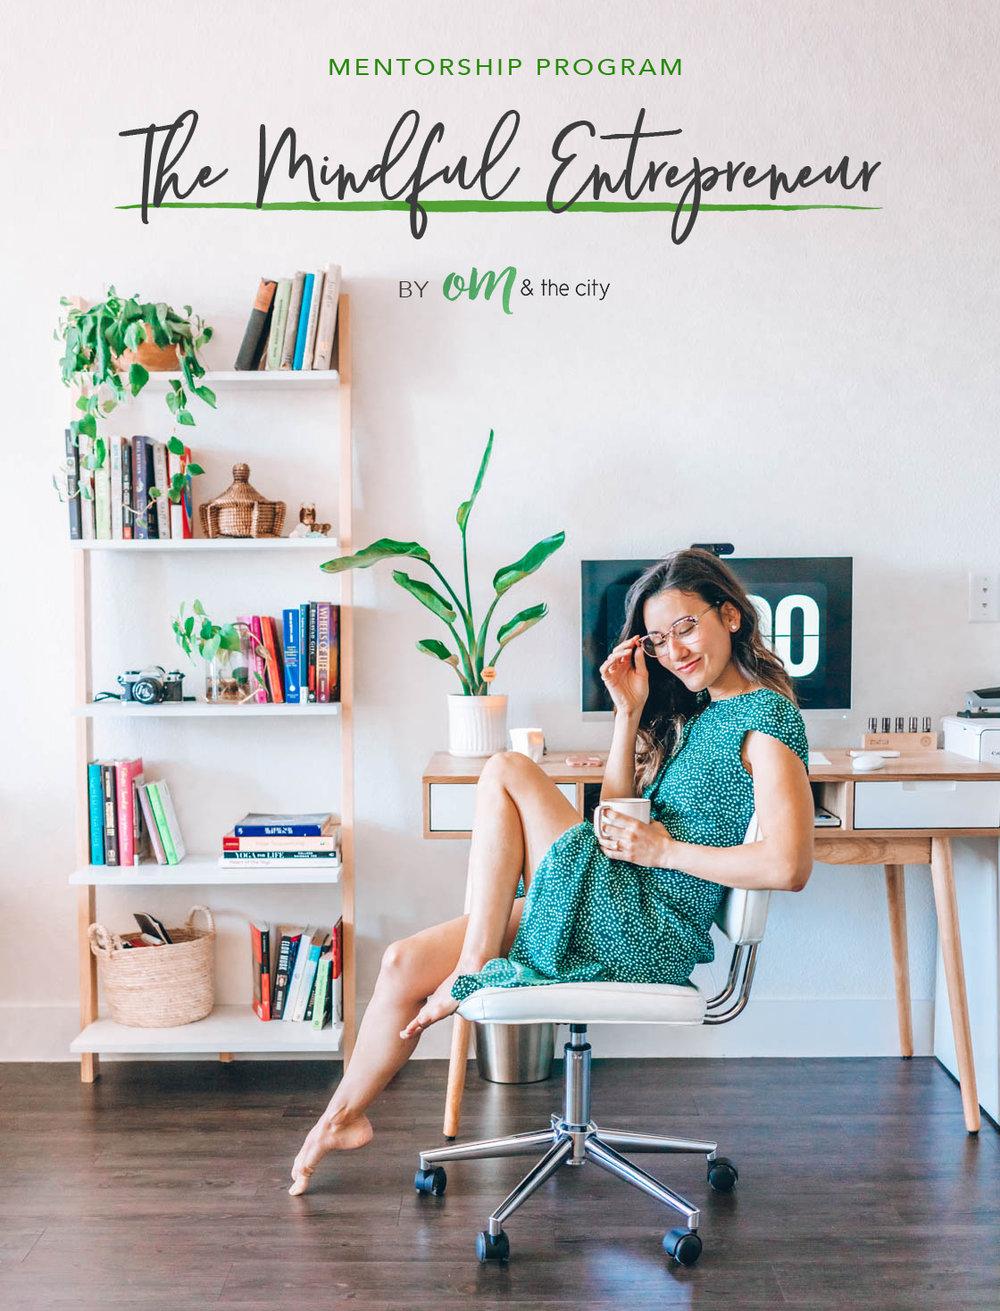 Mindful Entrepreneur Mentorship Program